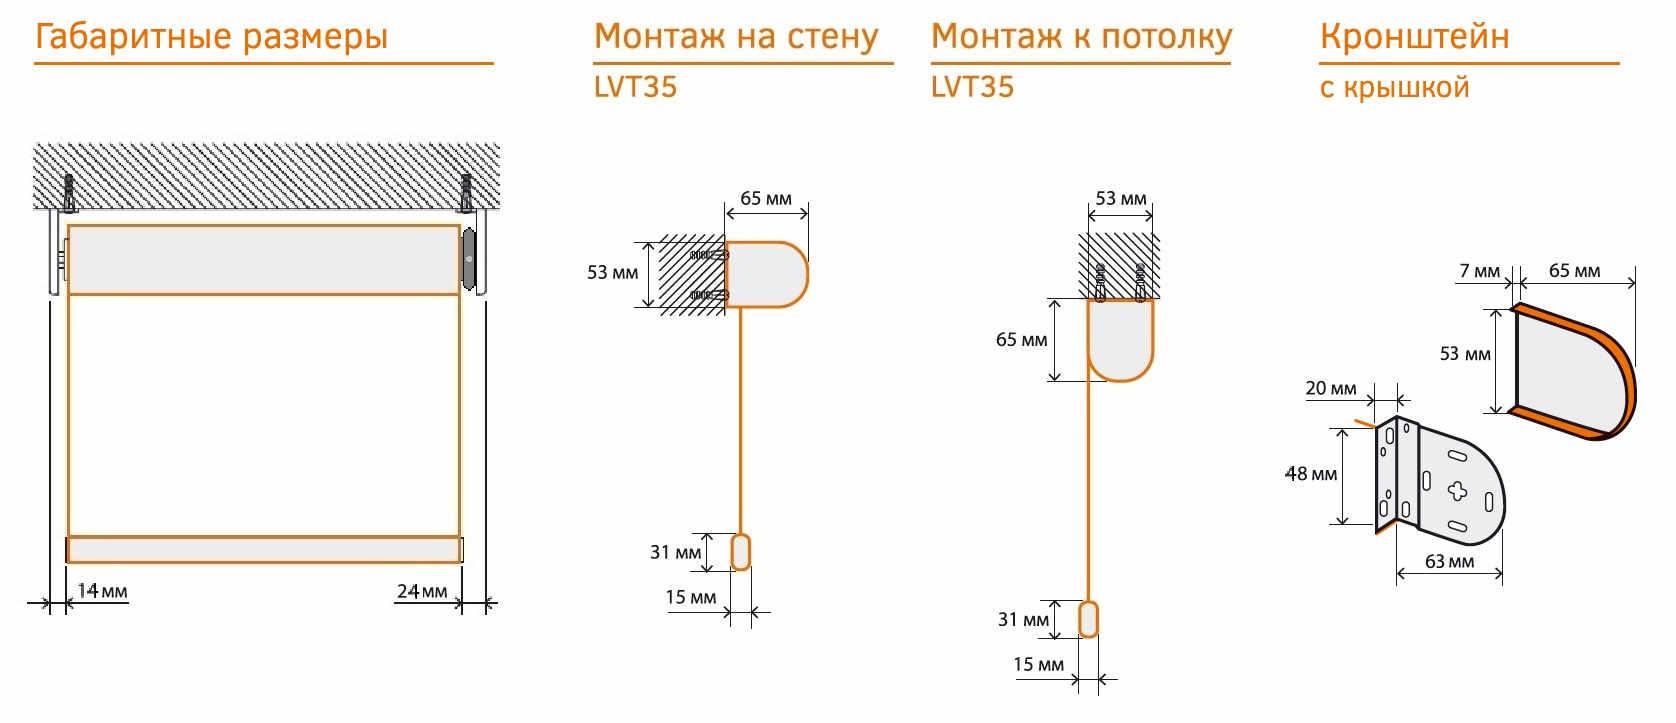 montazhnye rrazmery rulonnyh shtor AKKO LVT35